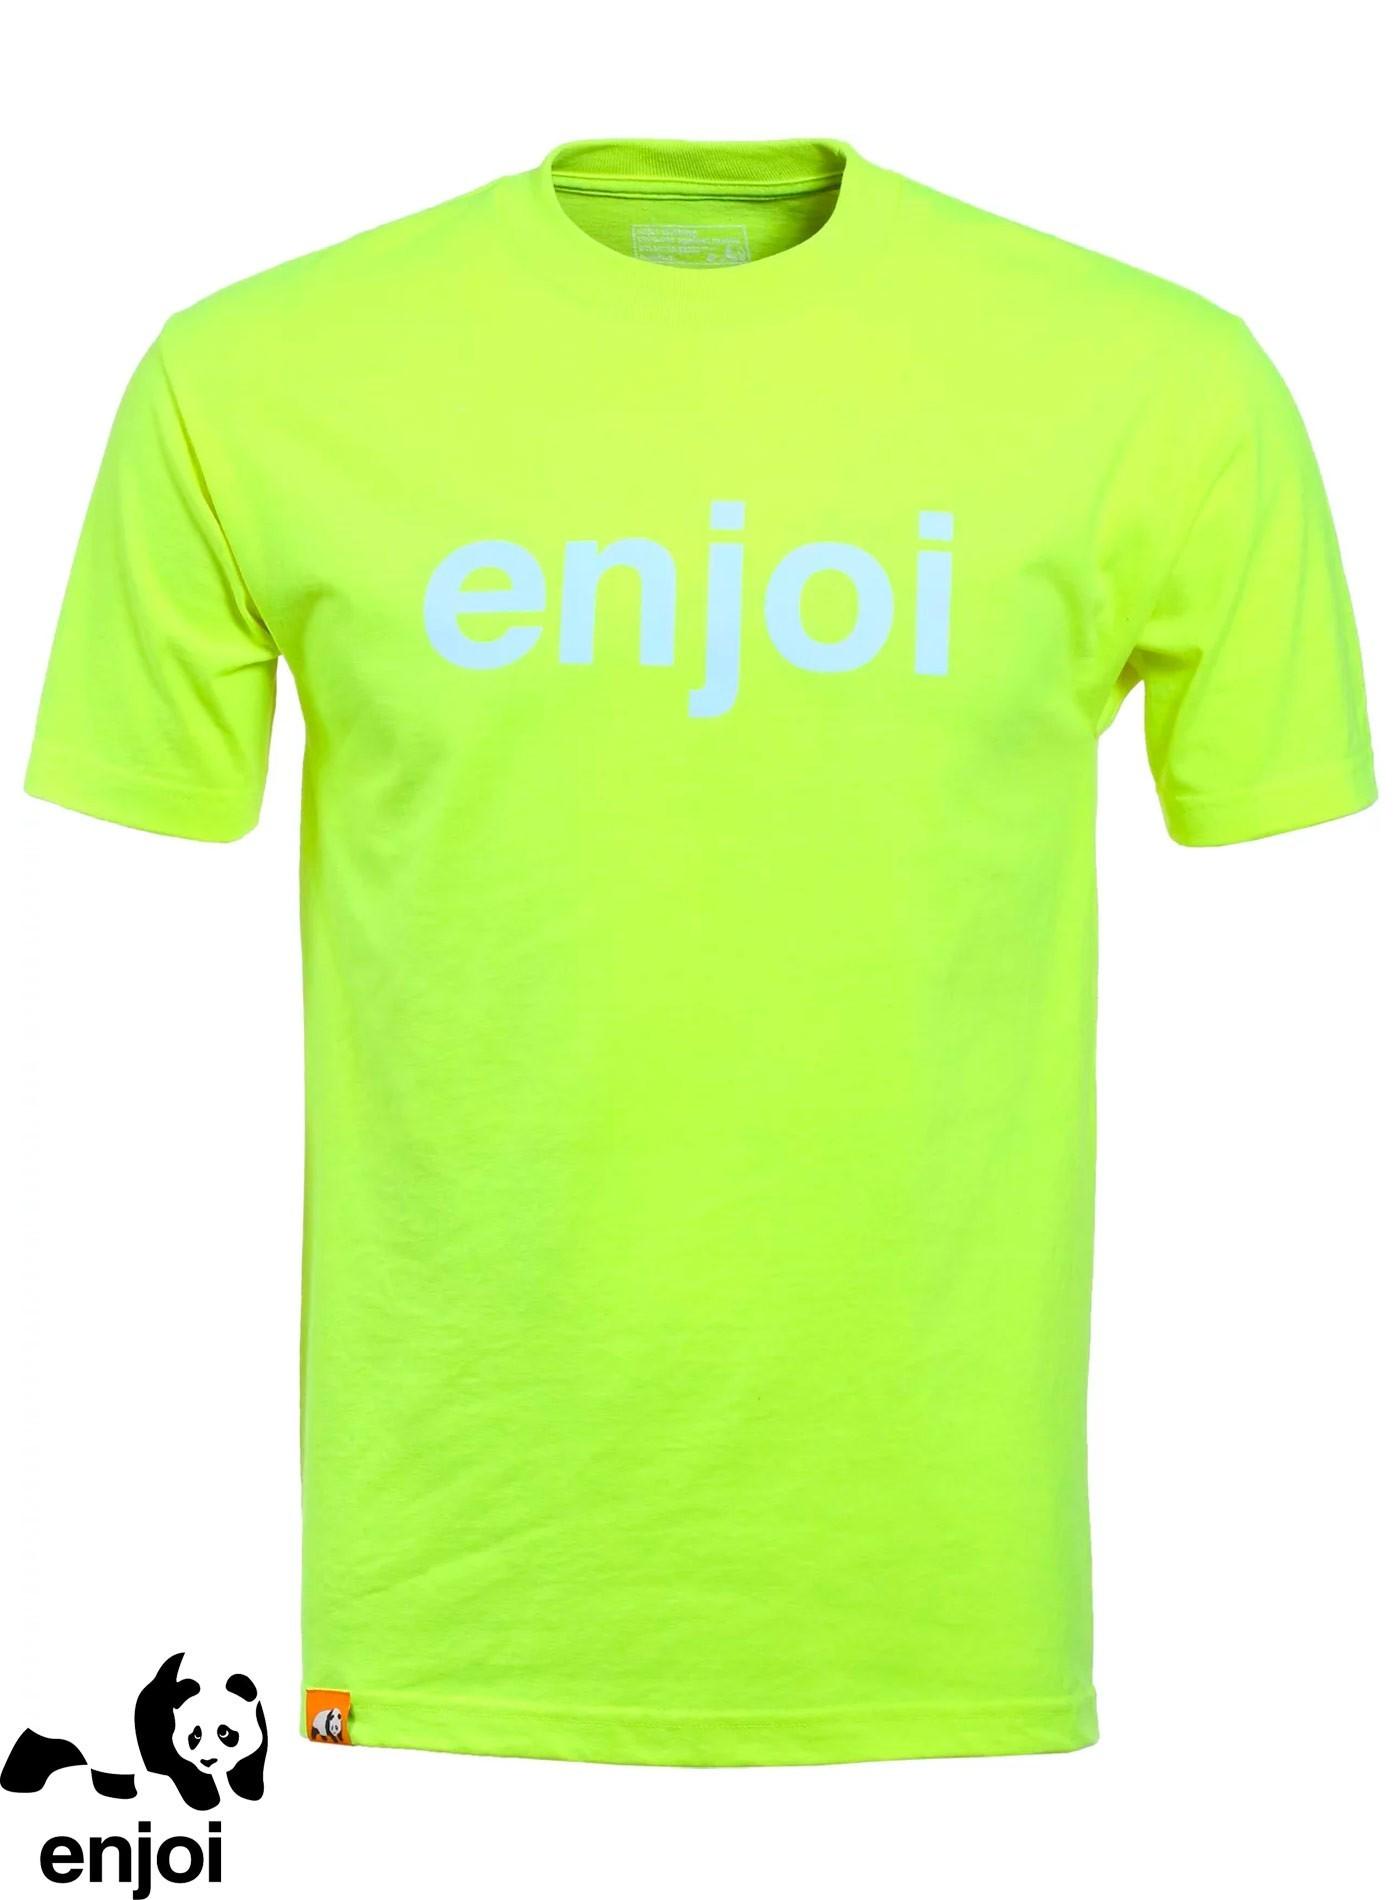 Enjoi Helvetica Logo Lime T-Shirt